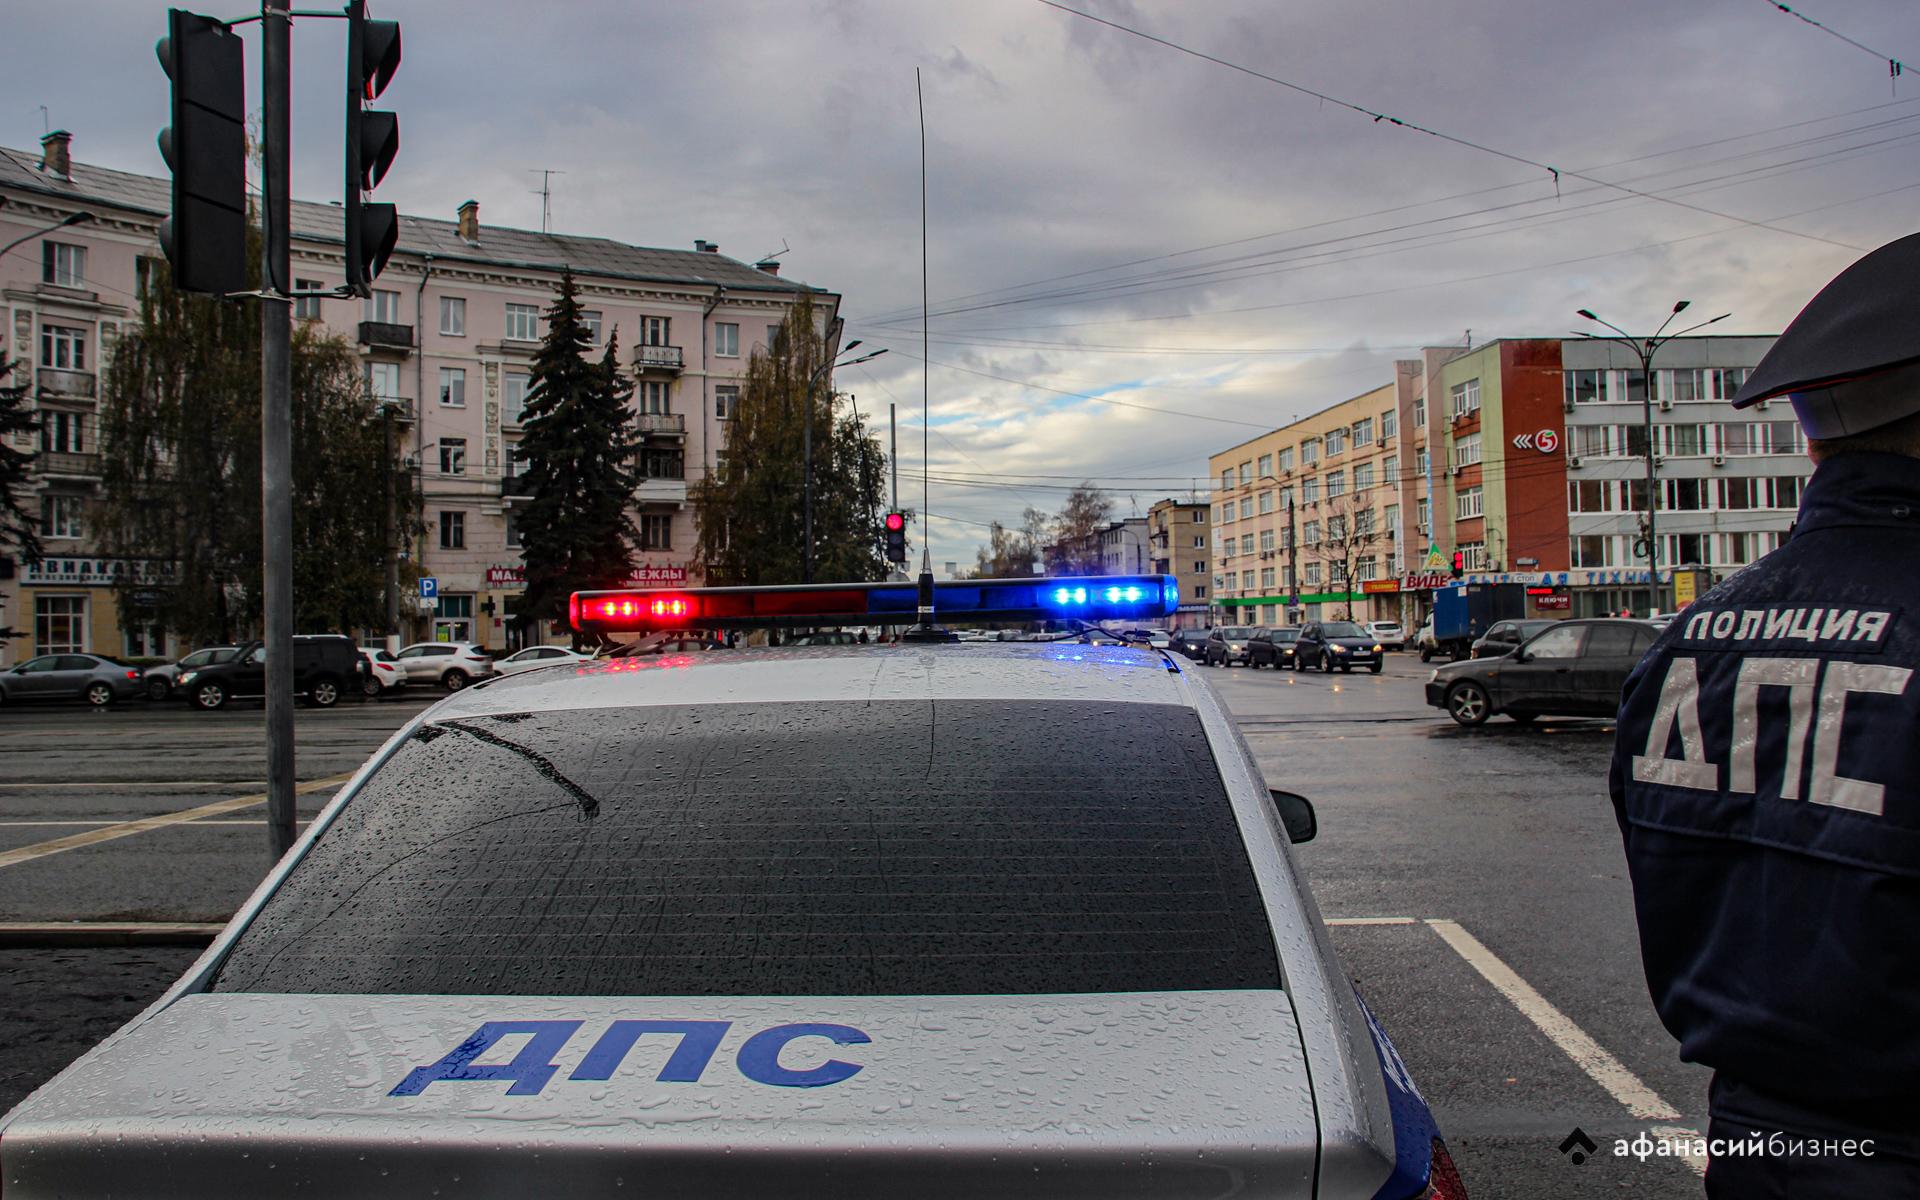 В Госдуме предложили увеличить срок для льготной оплаты штрафа за нарушение ПДД - новости Афанасий